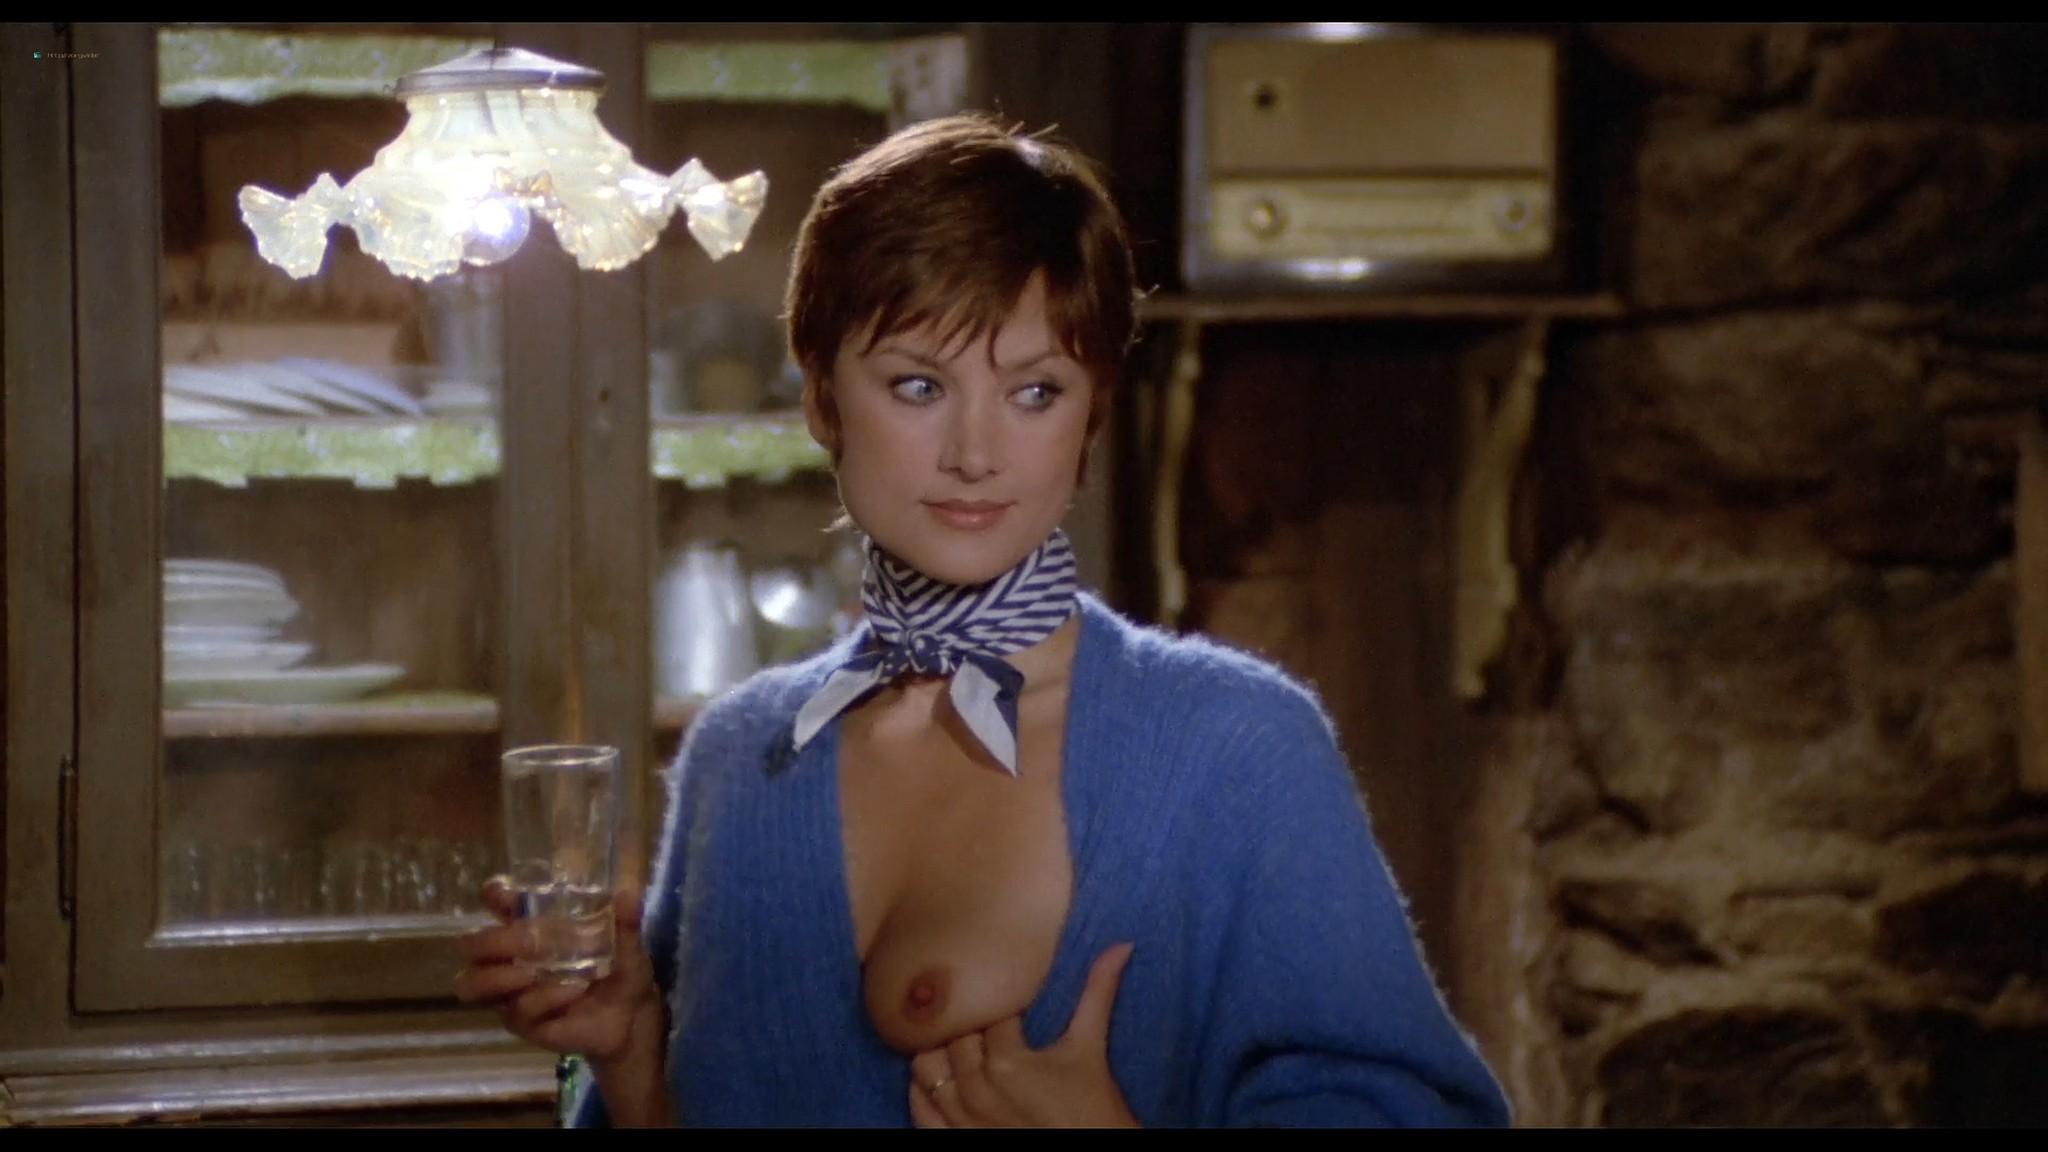 Barbara Bouchet nude bush Stefania Casini and others nude Come perdere una moglie e trovare un amante IT 1978 1080p Web 12